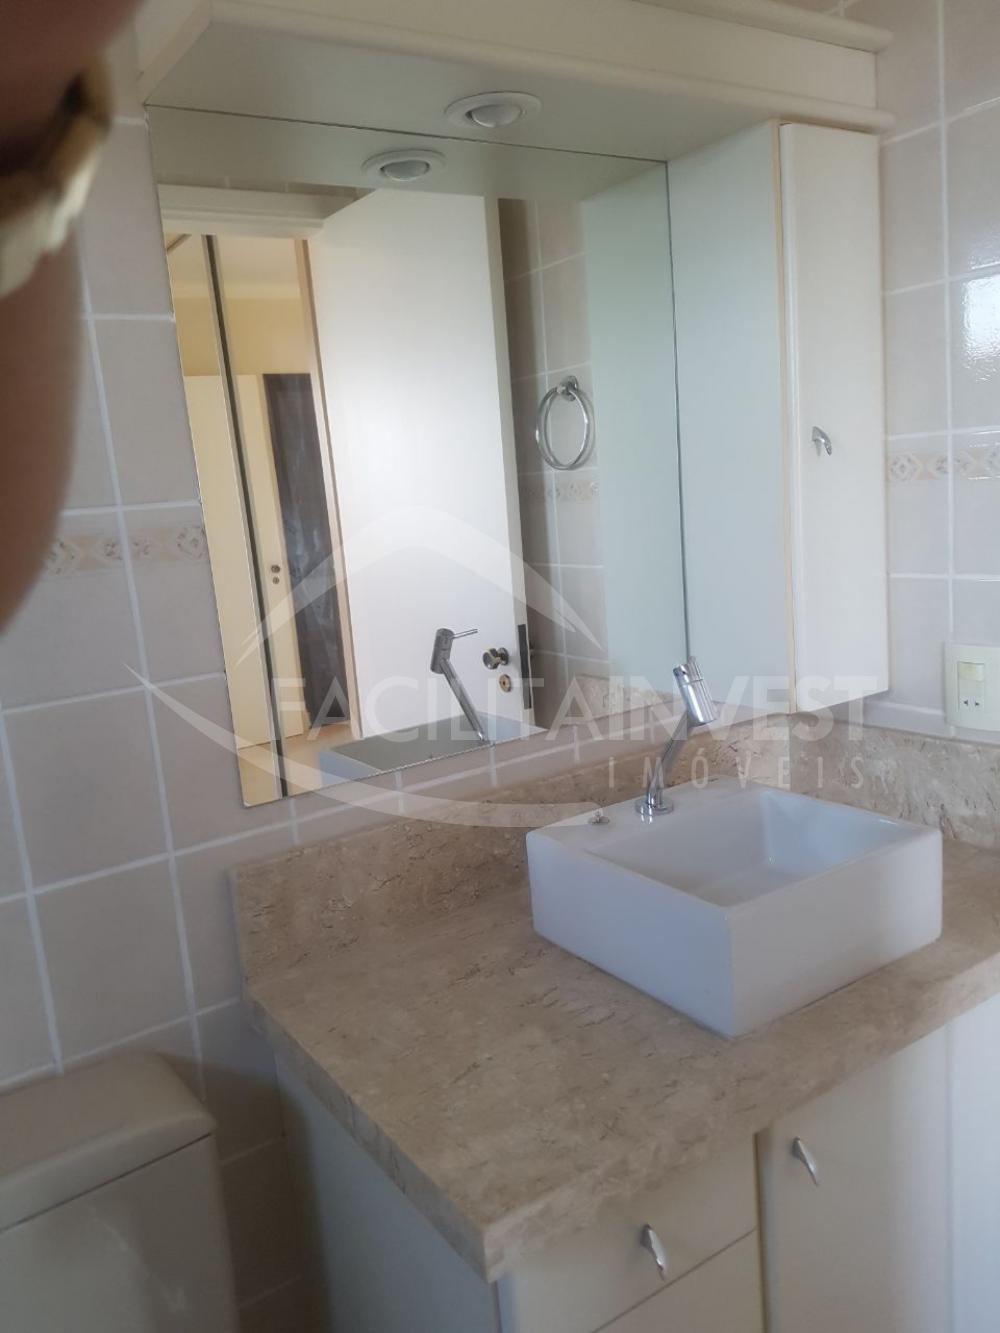 Comprar Apartamentos / Apart. Padrão em Ribeirão Preto apenas R$ 400.000,00 - Foto 12